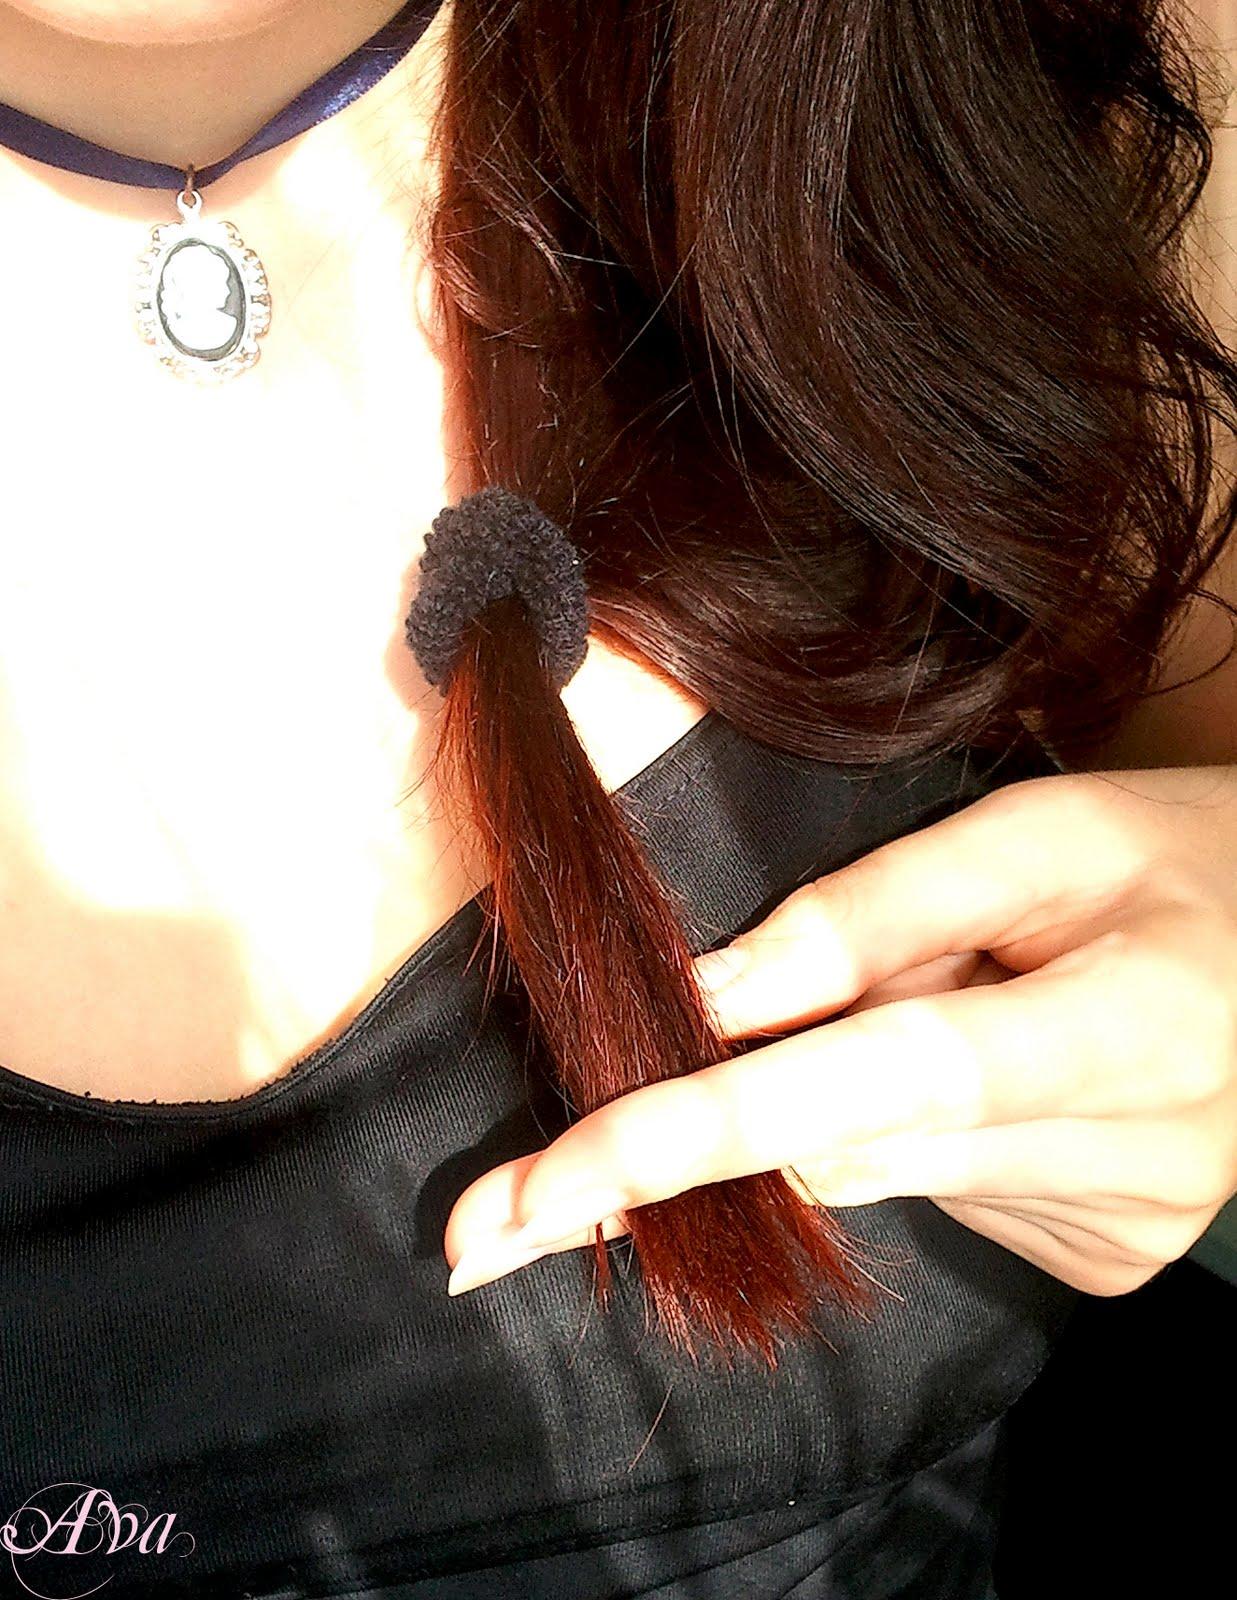 La chute des cheveux est le signe